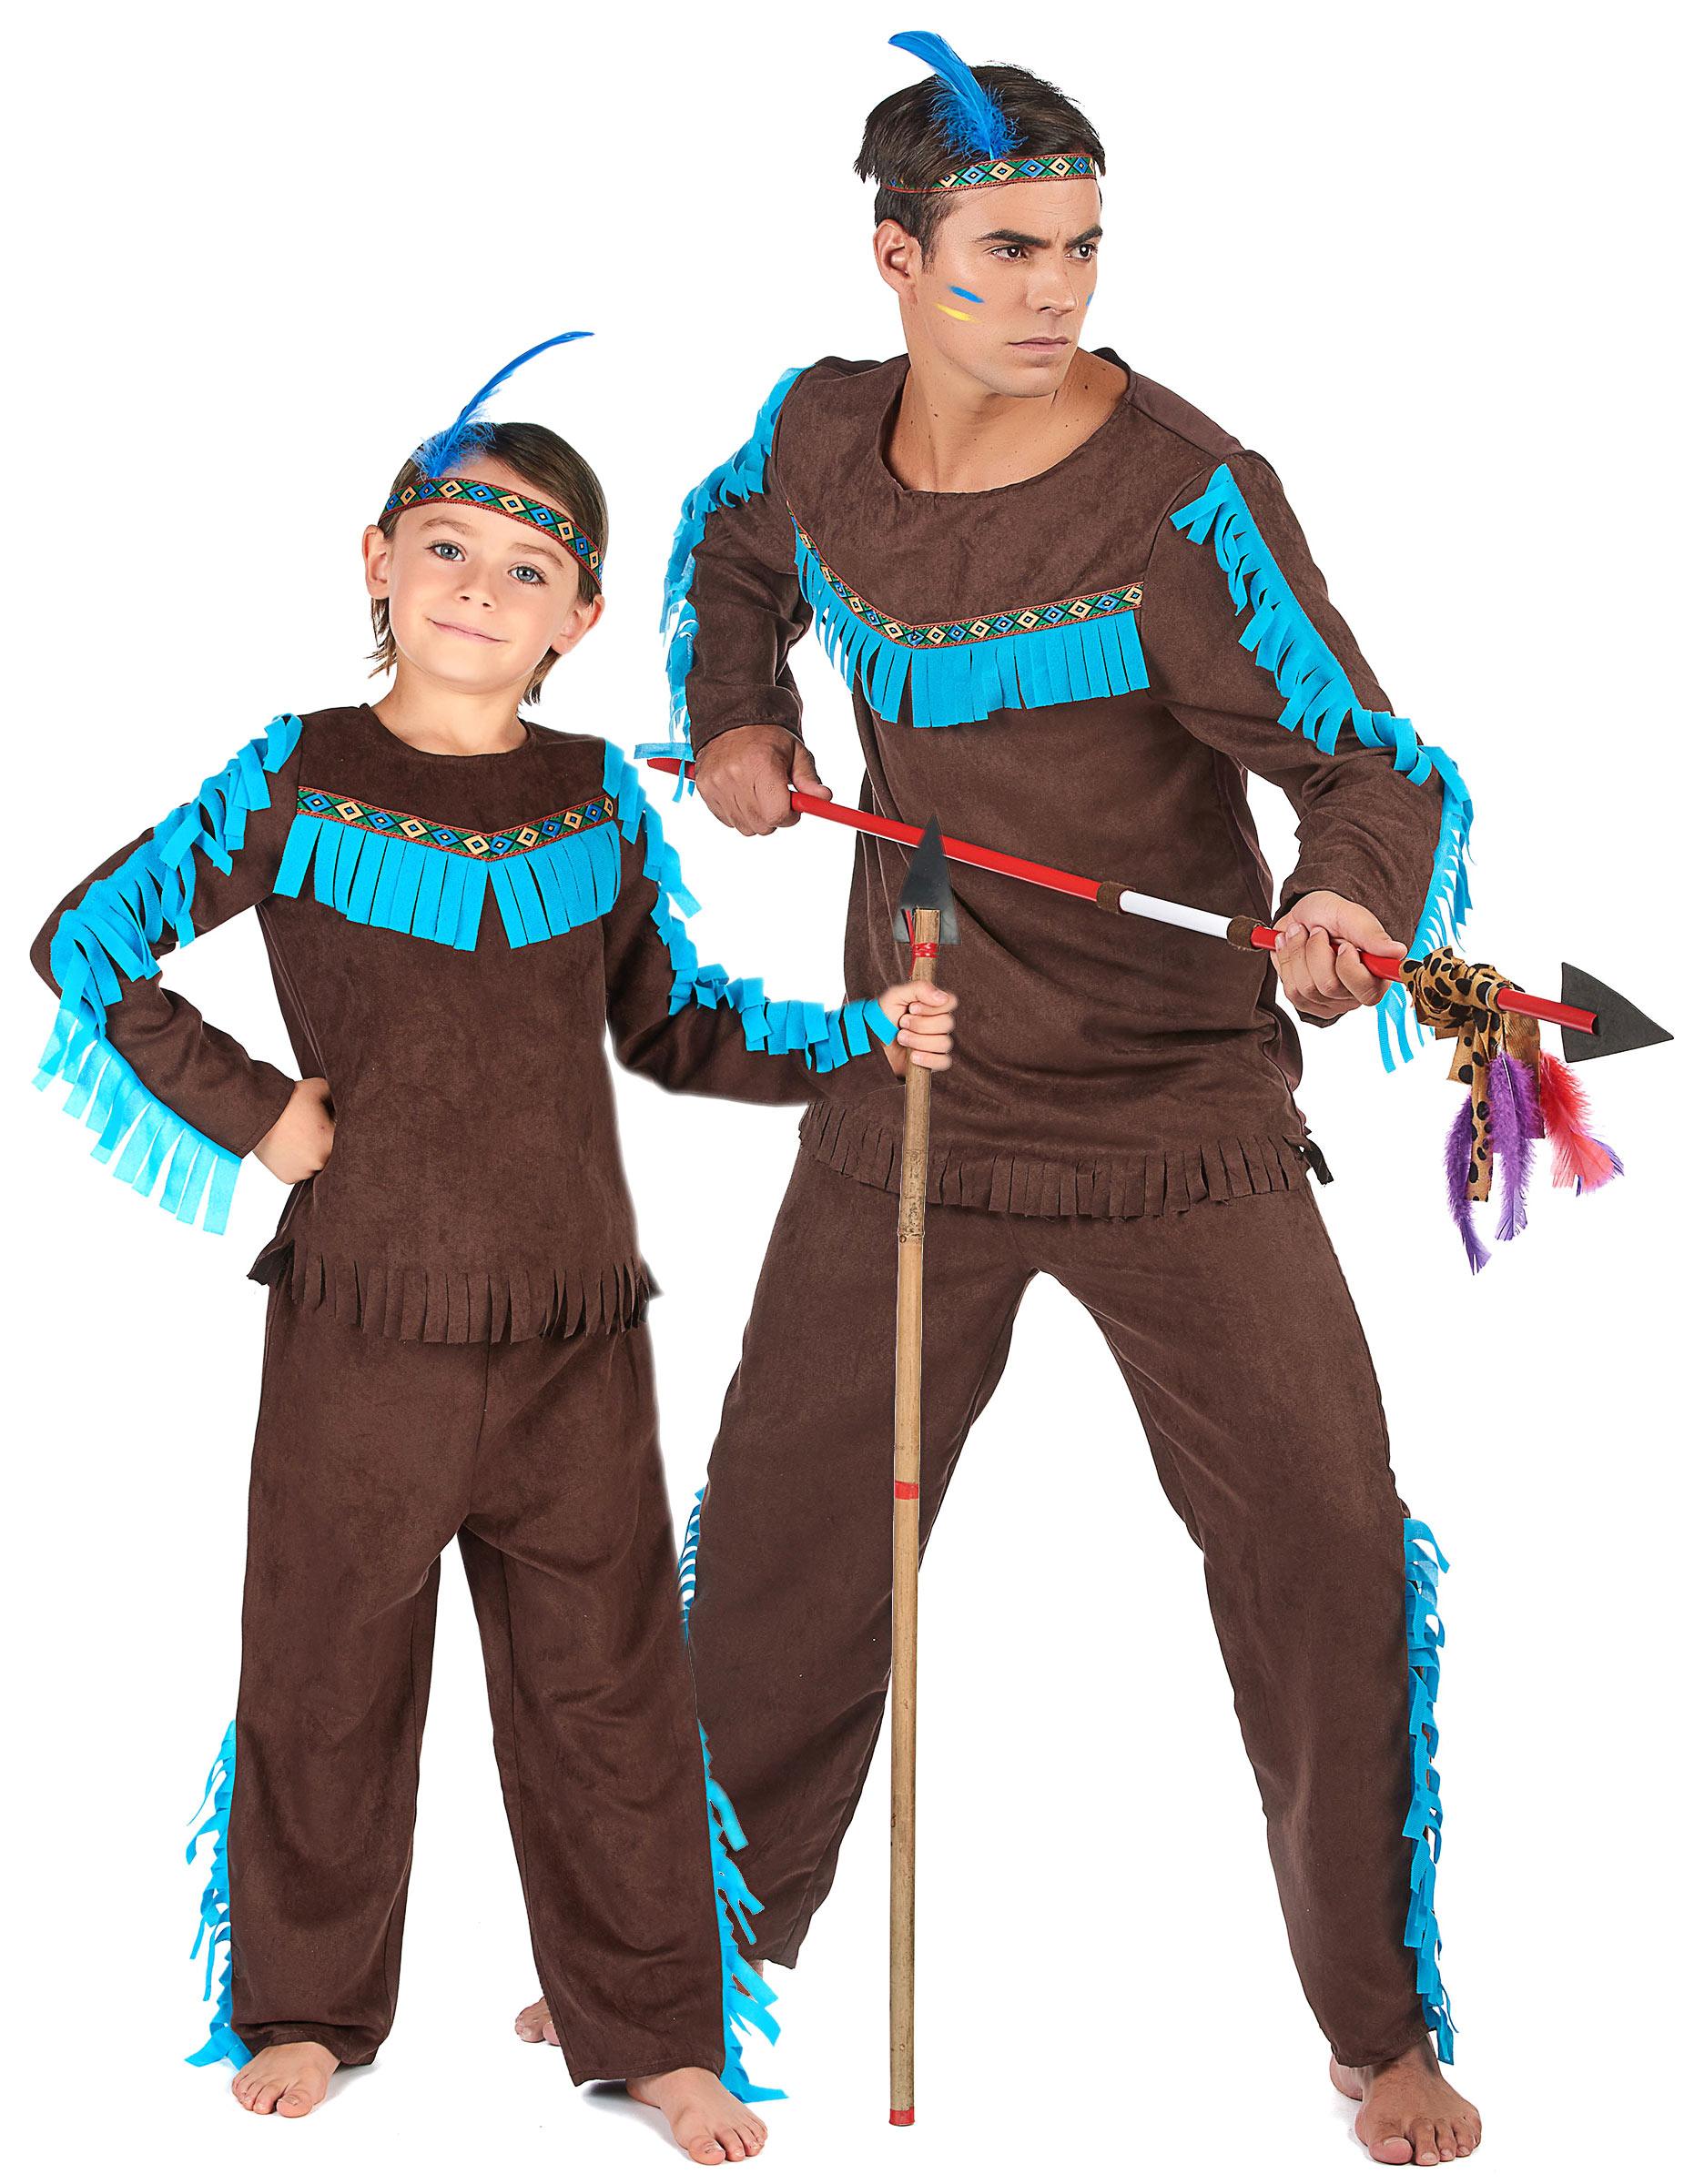 Jagande indianer - Pardräkt för vuxna och barn 46cd1faecd9b7